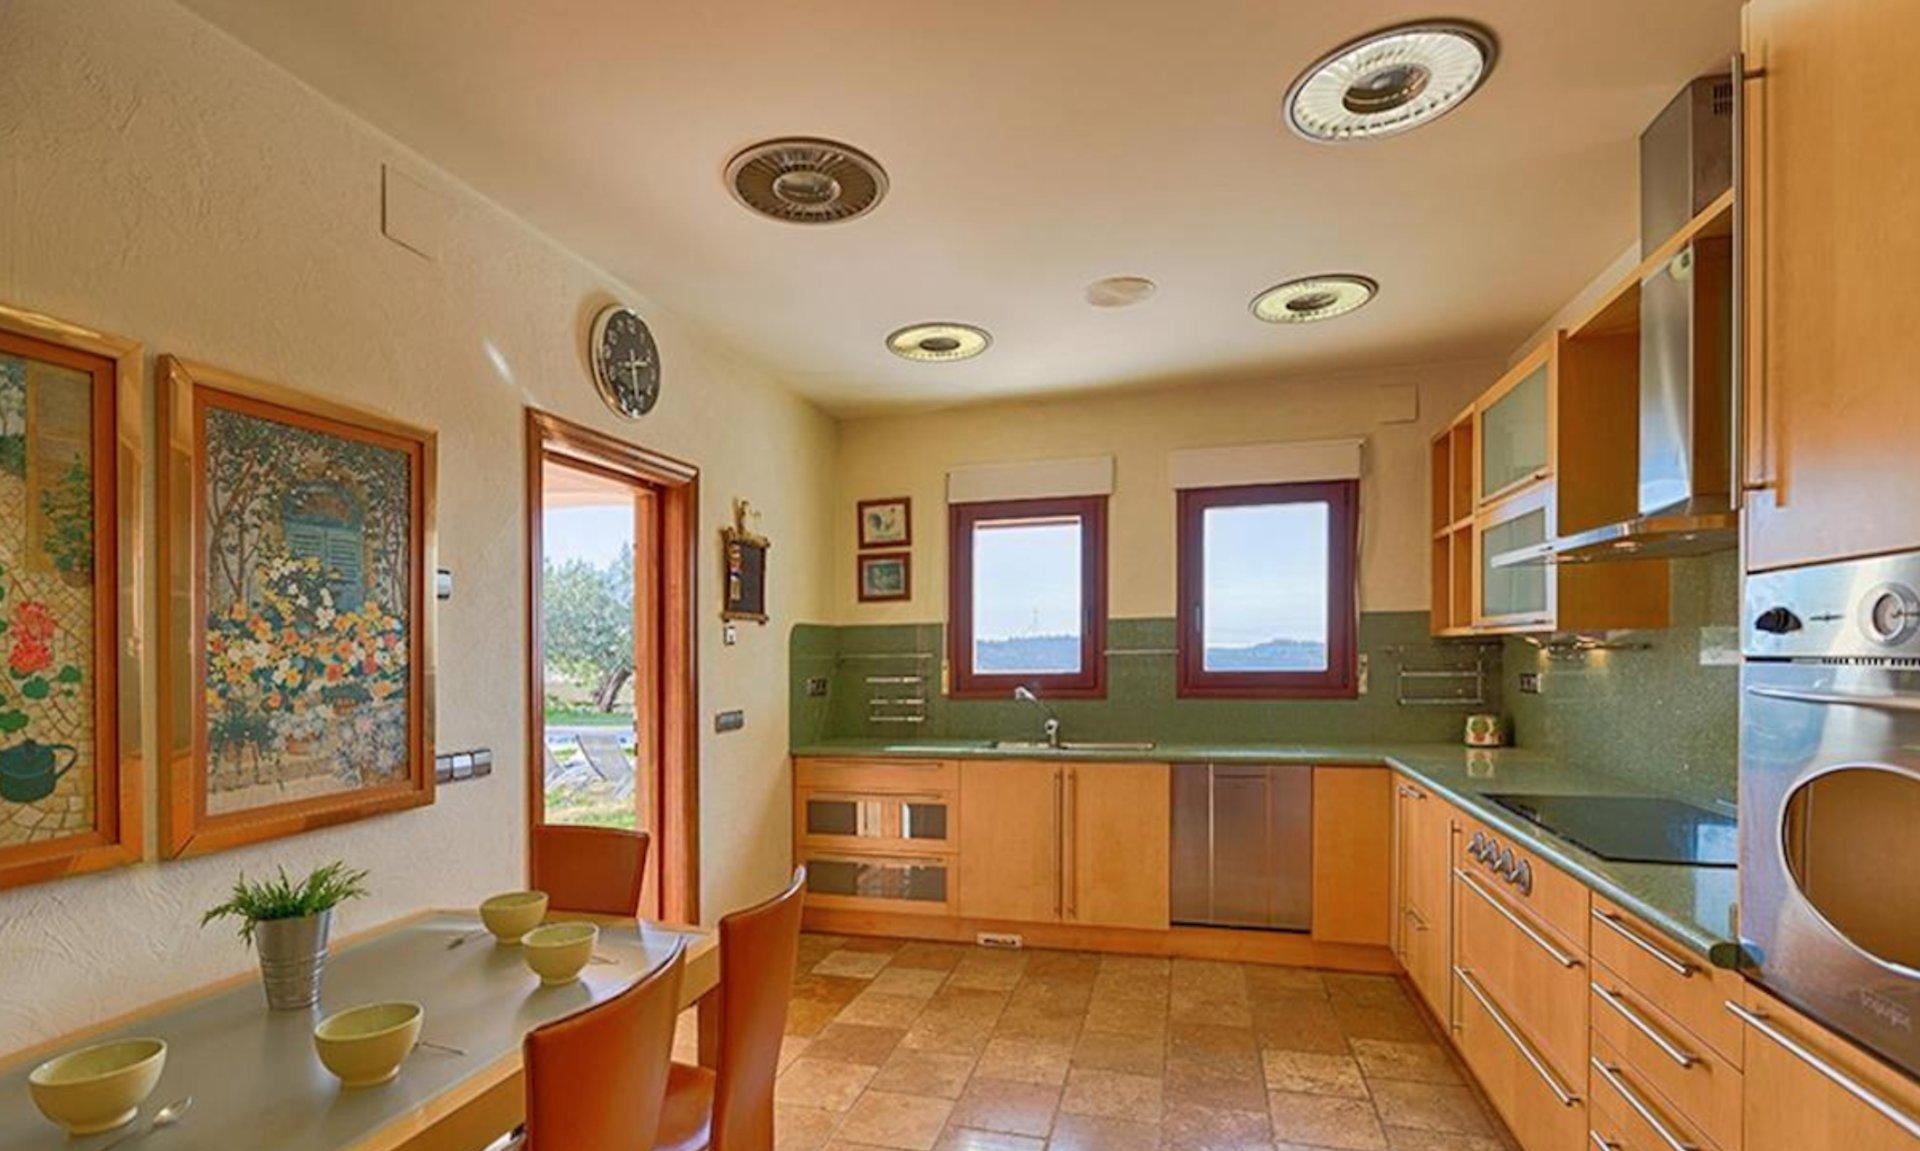 Exclusiva casa mediterránea con vistas panorámicas en Benissa